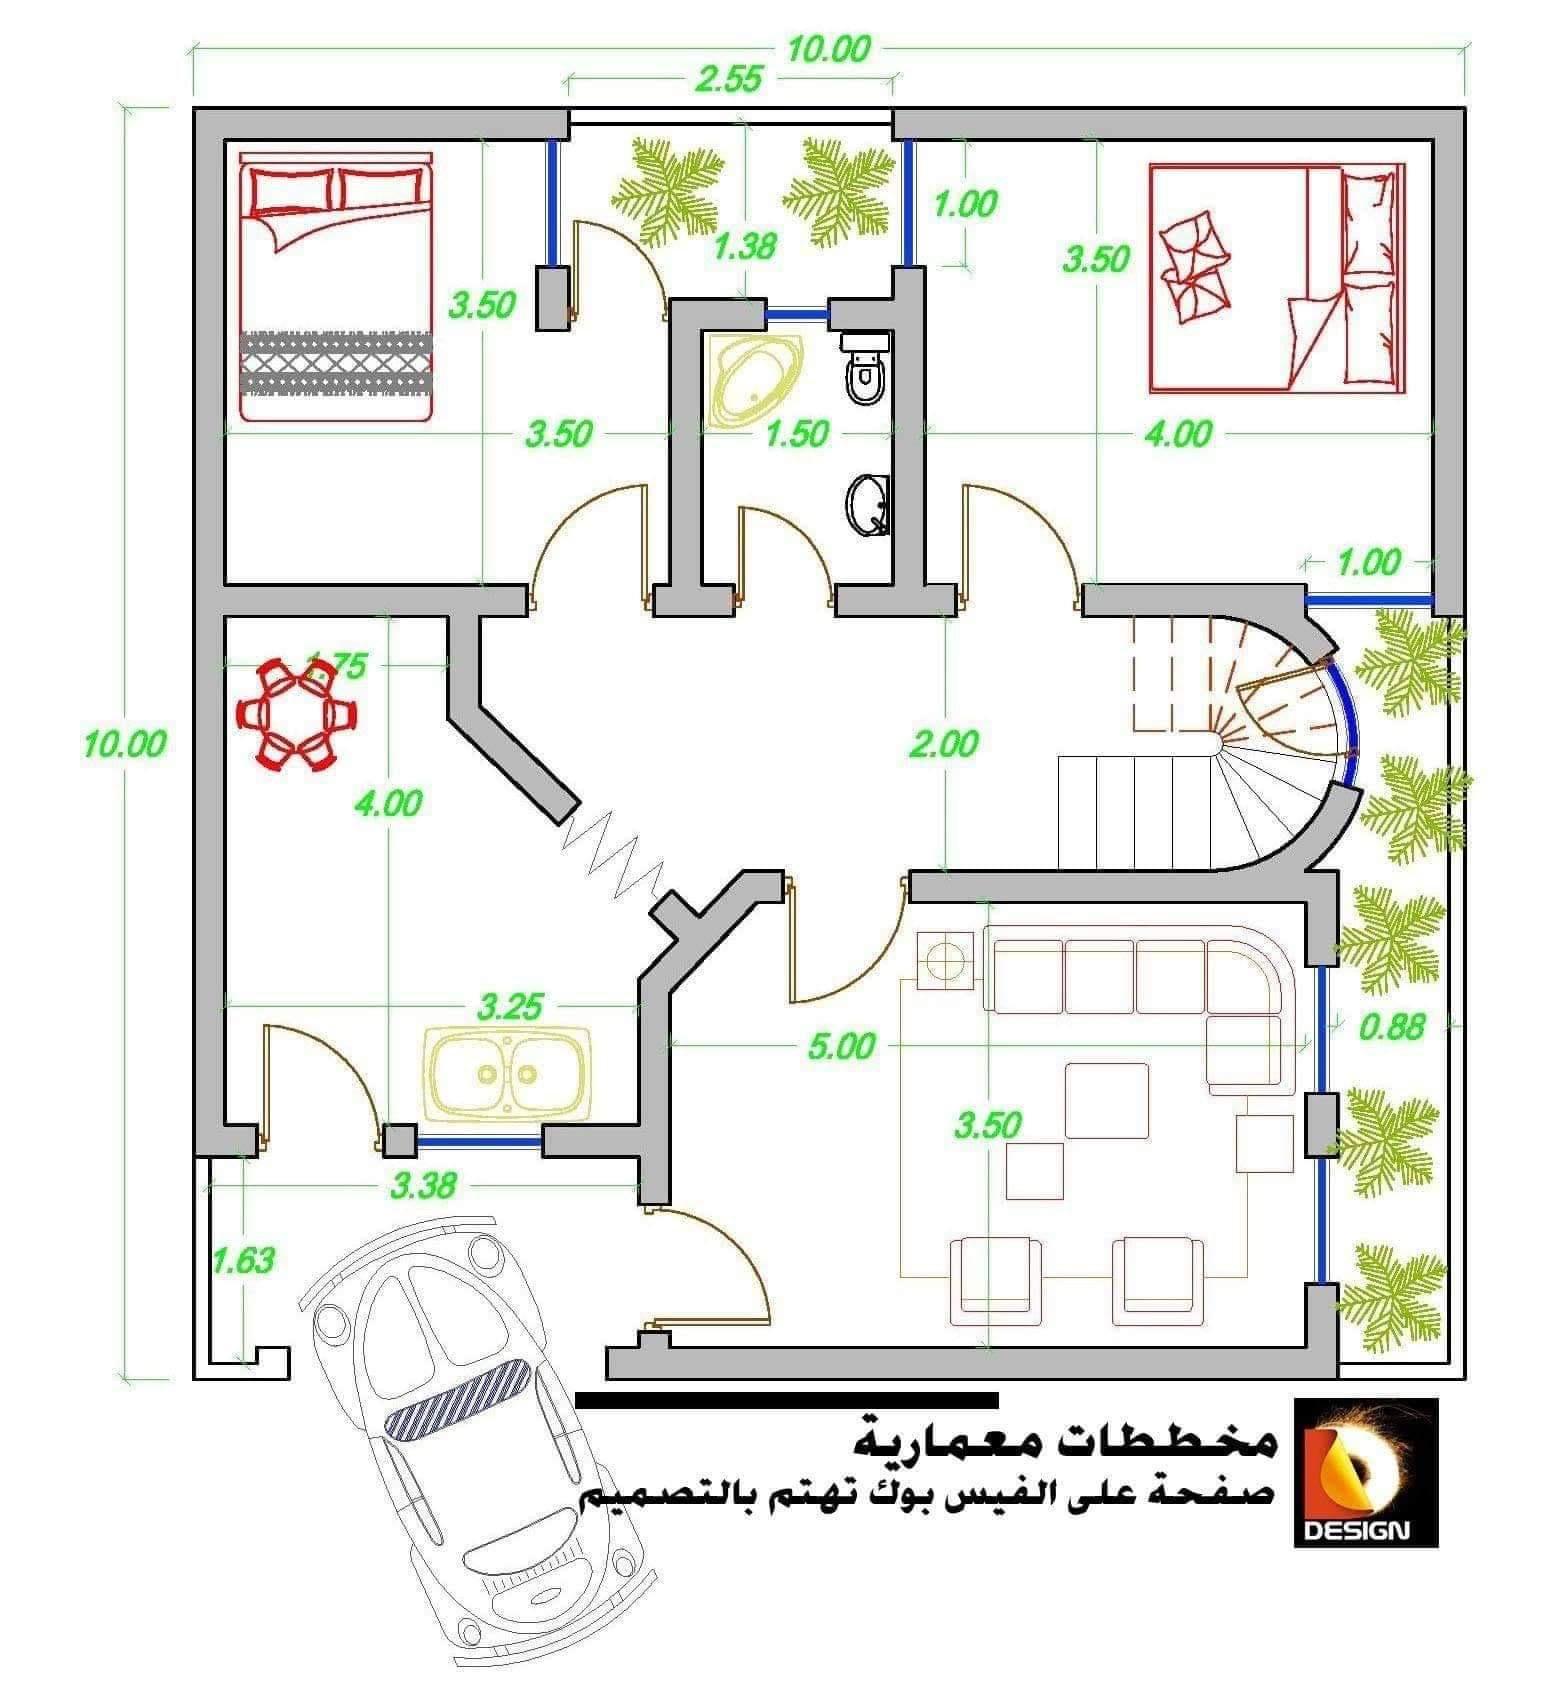 خرائط بناء 100متر 10 10 مخططات مجانية منتديات شباب الرافدين